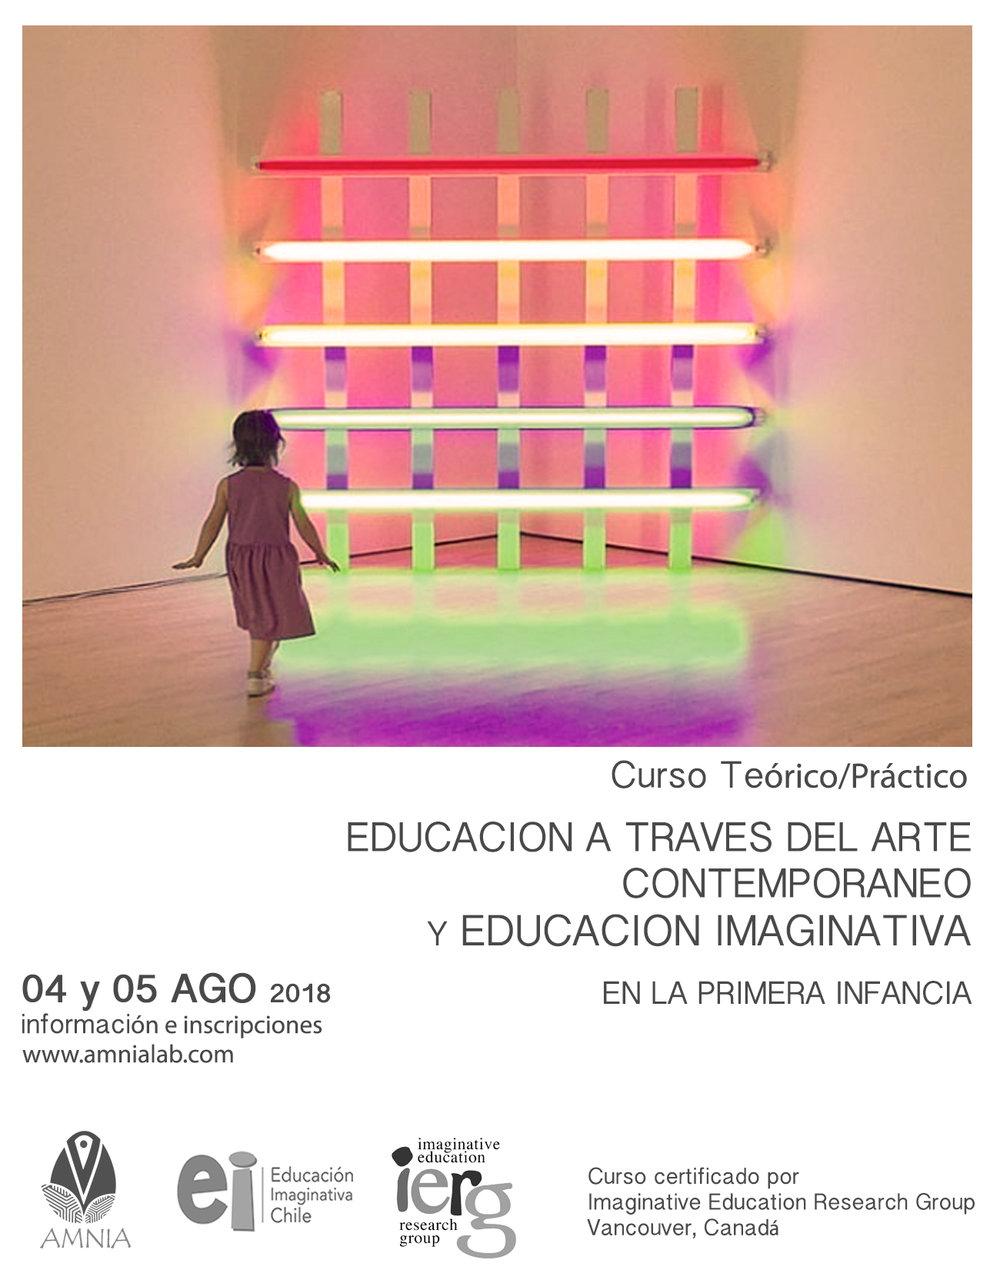 Flyer ARTE CONTEMPORANEO.jpg